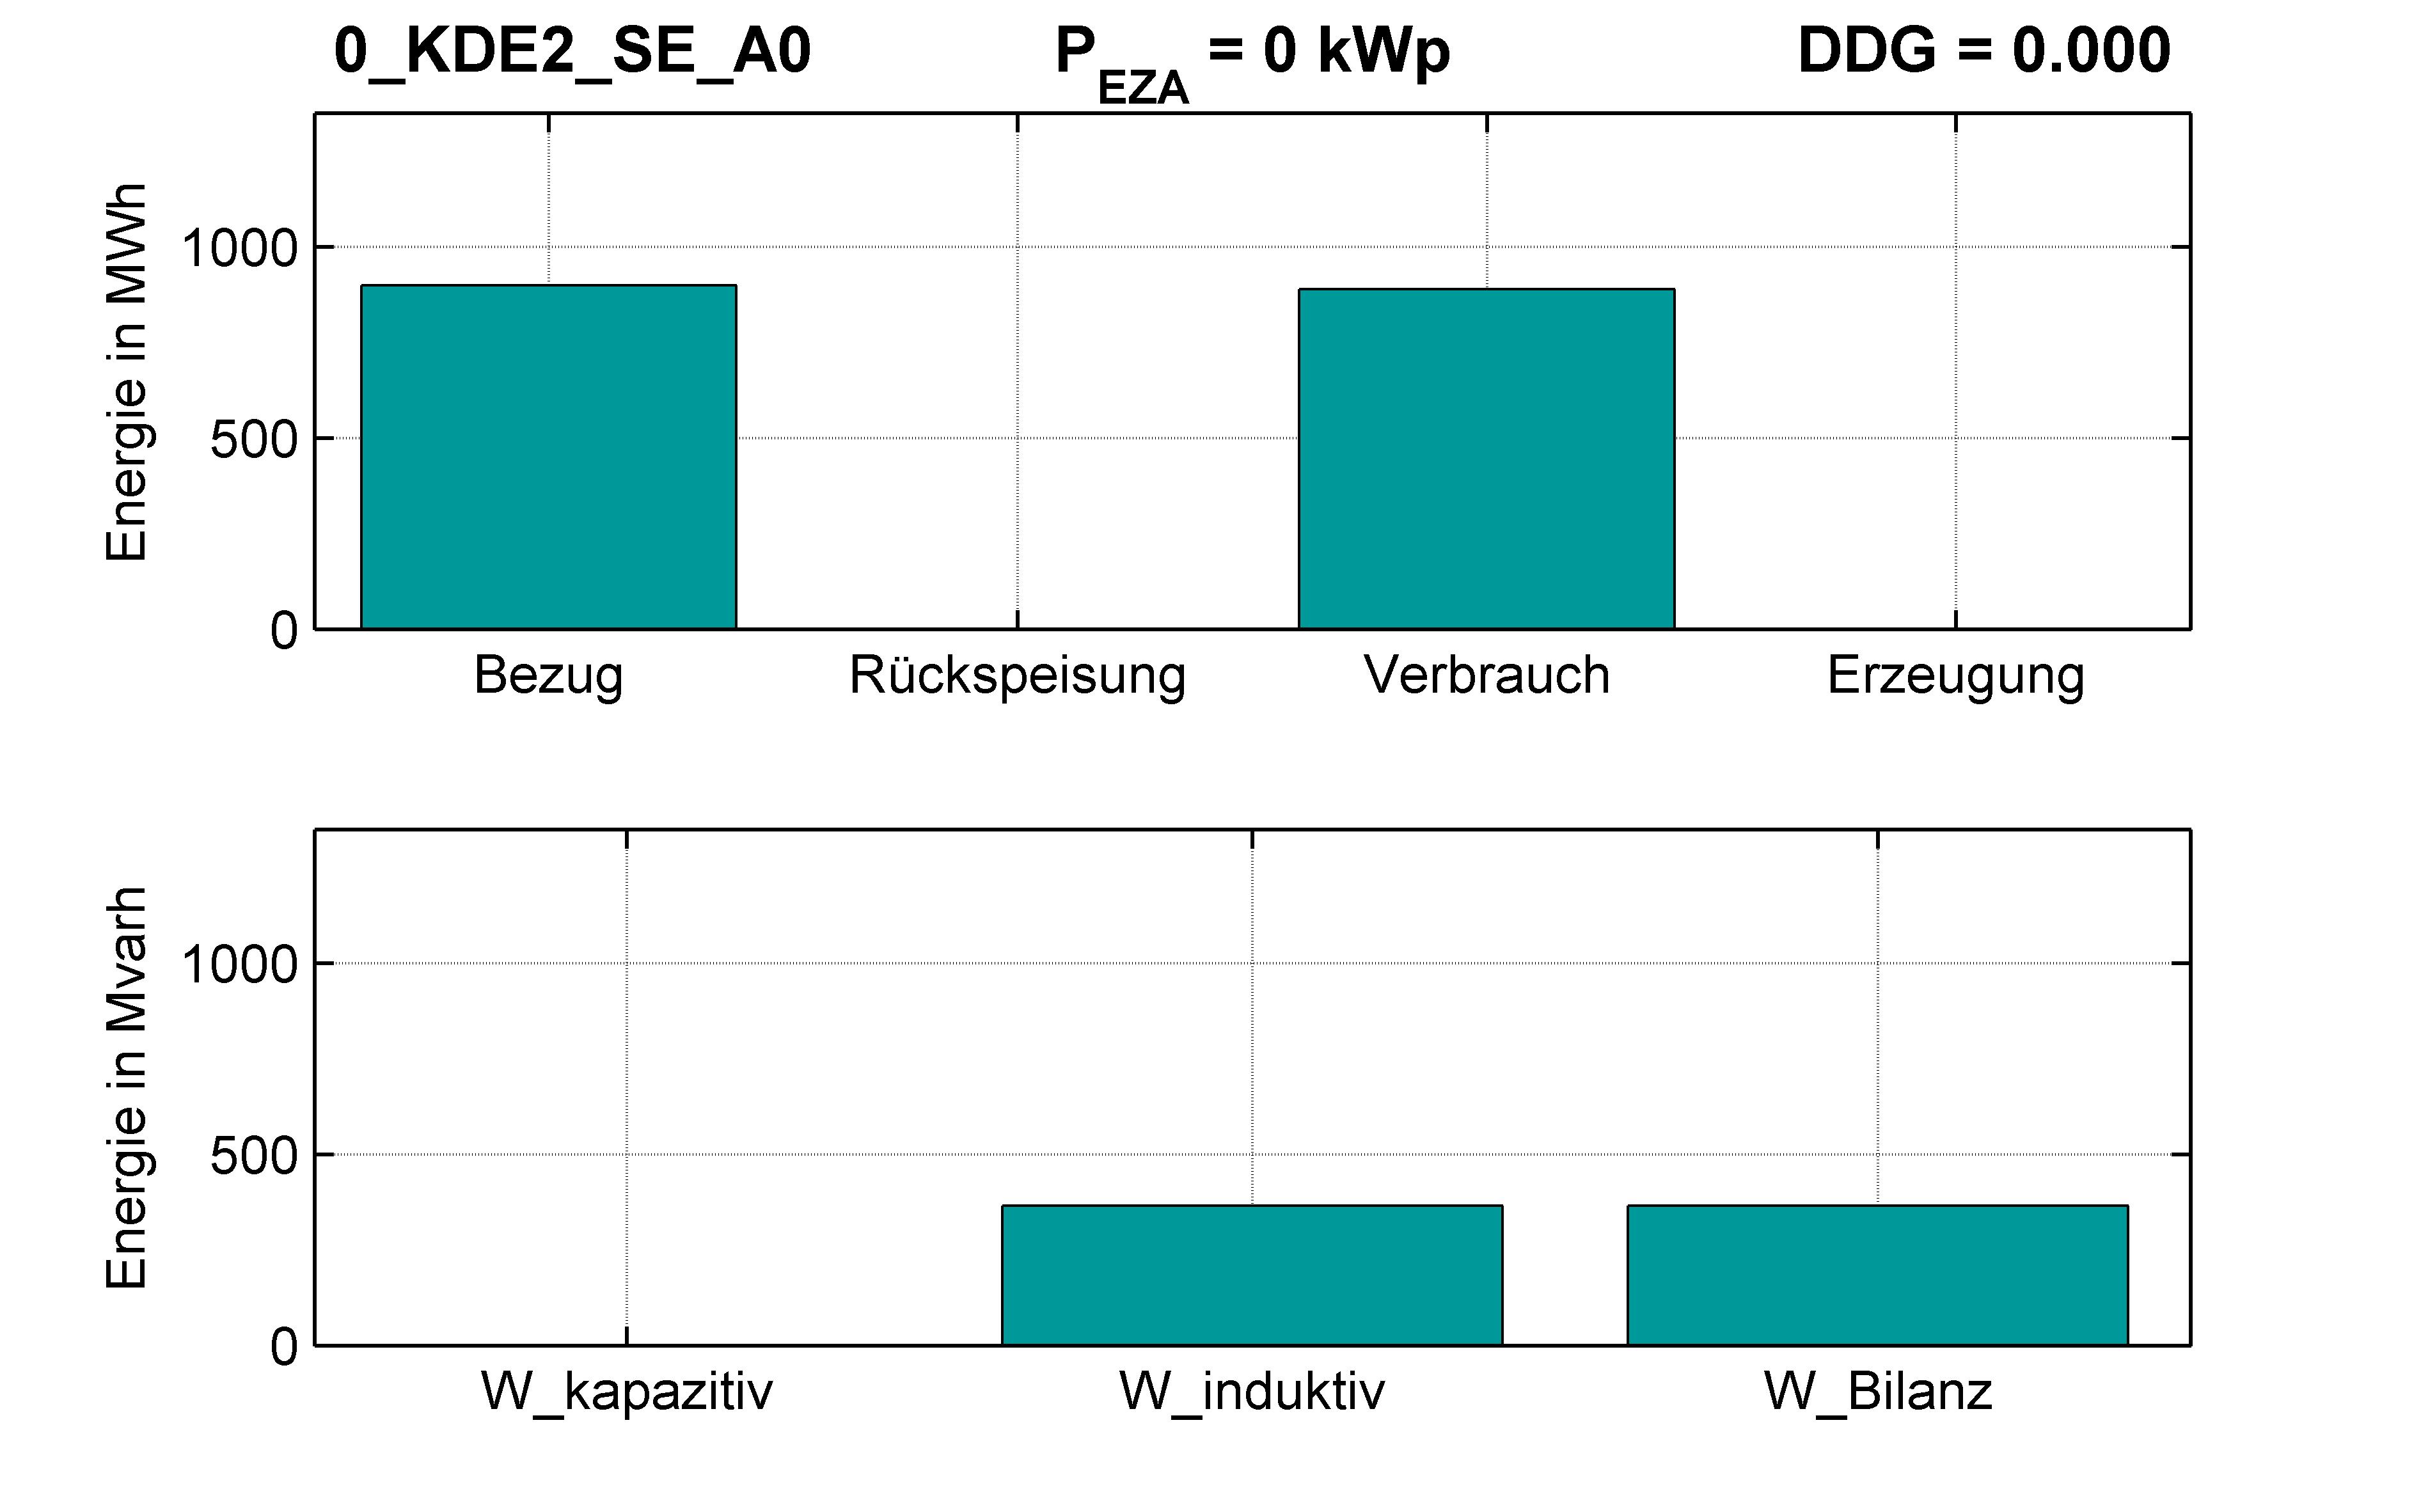 KDE2 | RONT (SE) A0 | PQ-Bilanz